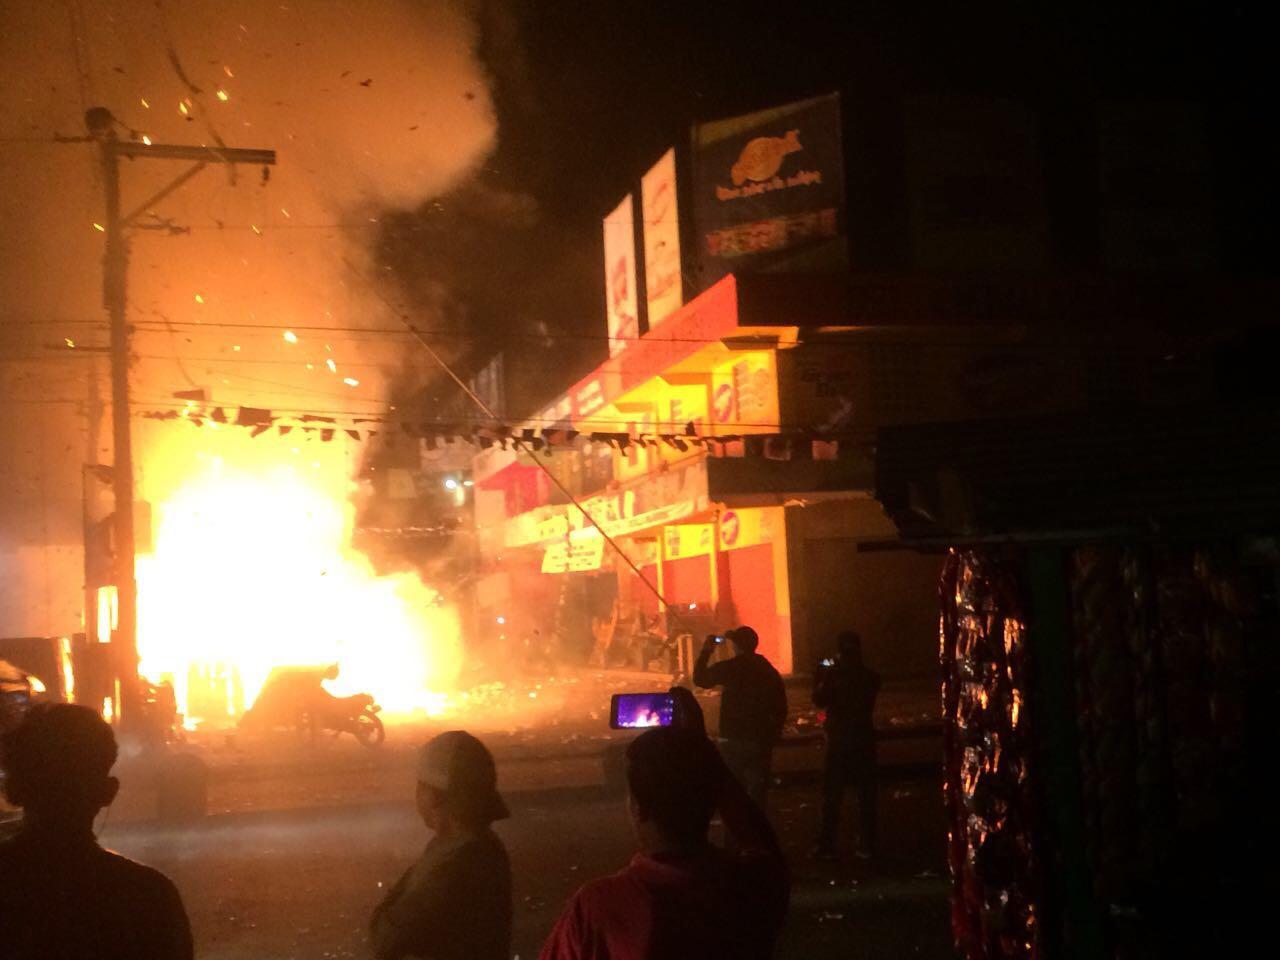 Bombero fallecido en incendio en mercado La Terminal Quetzaltenango